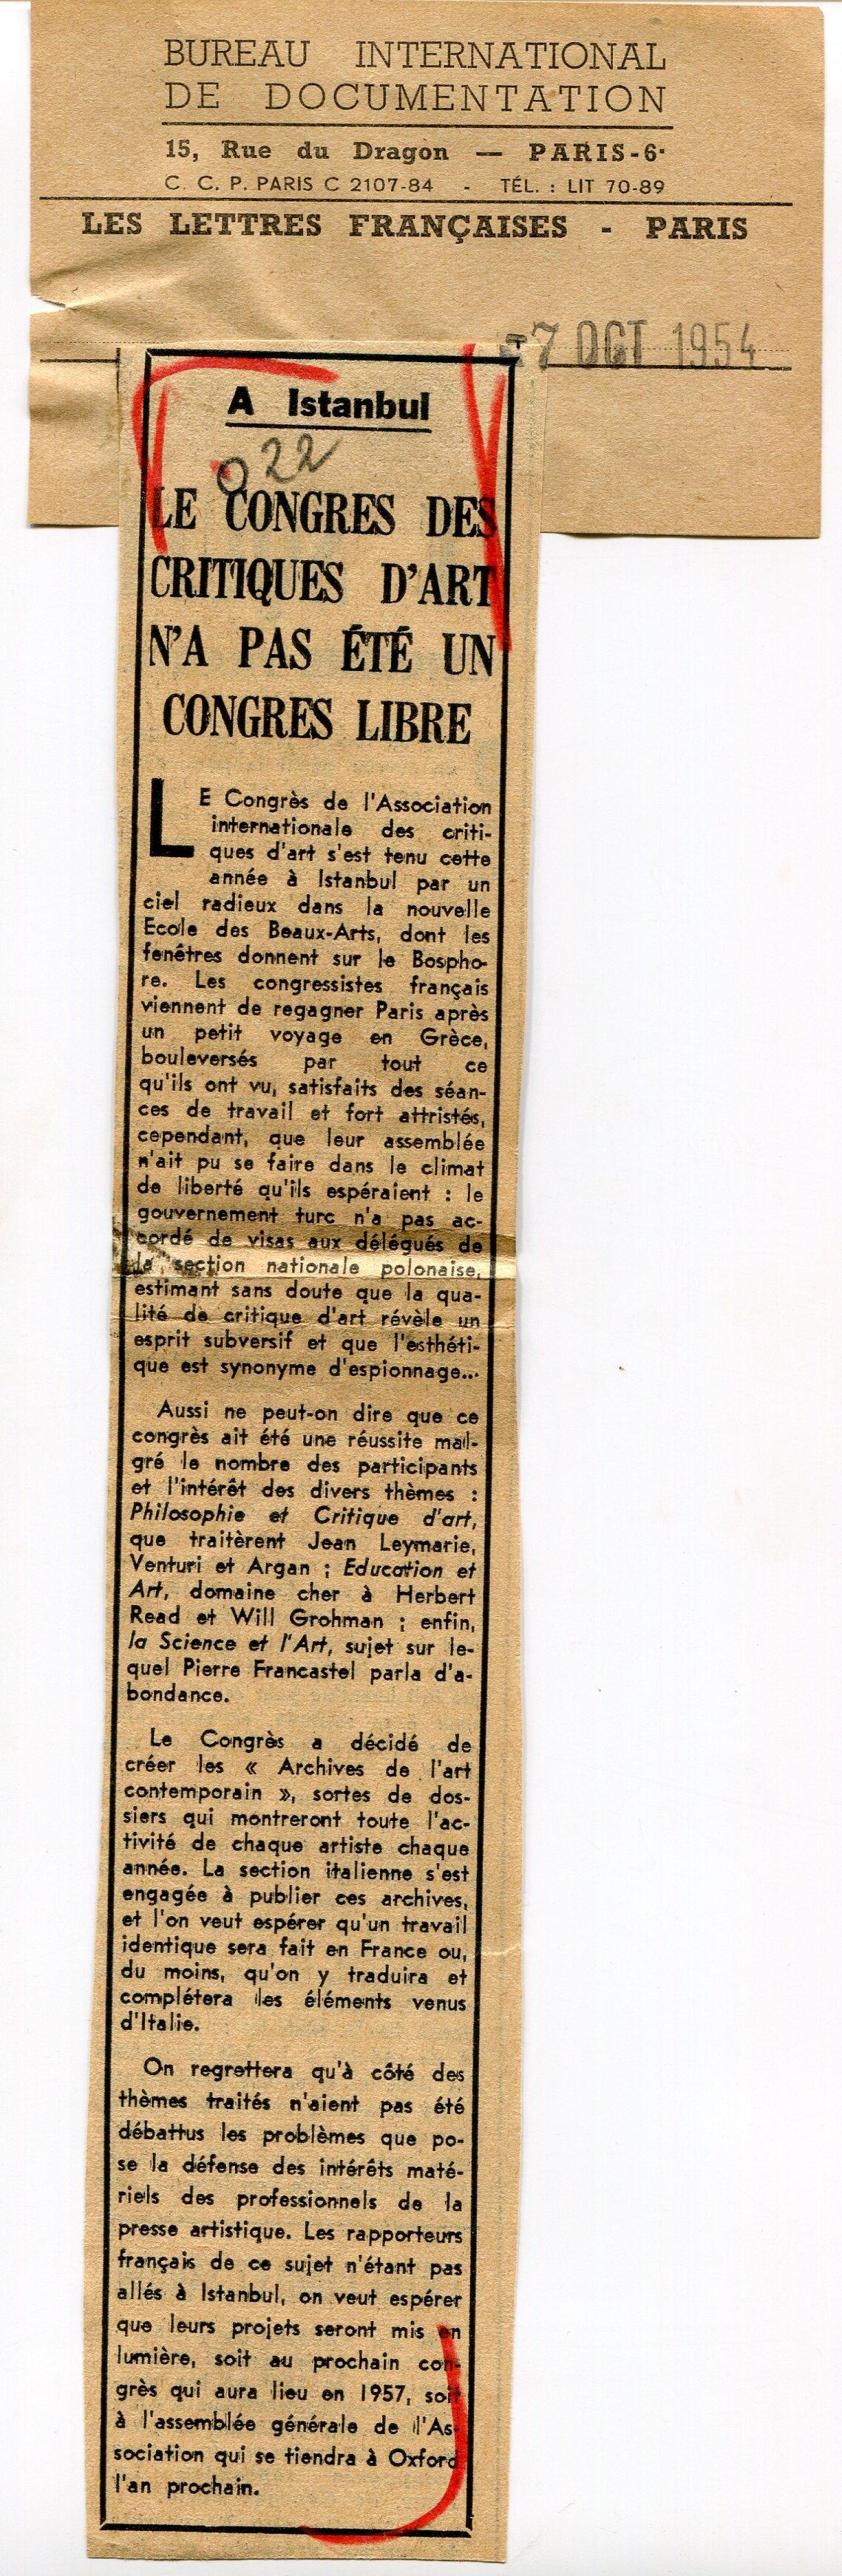 « Le Congrès des critique d'art n'a pas été un congrès libre », coupure de presse, Les Lettres françaises, 7 octobre 1954, fonds AICA International [FR ACA AICAI THE CON007 11/11], collection INHA – Archives de la critique d'art. Lire l'intégralité de la presse   ici.